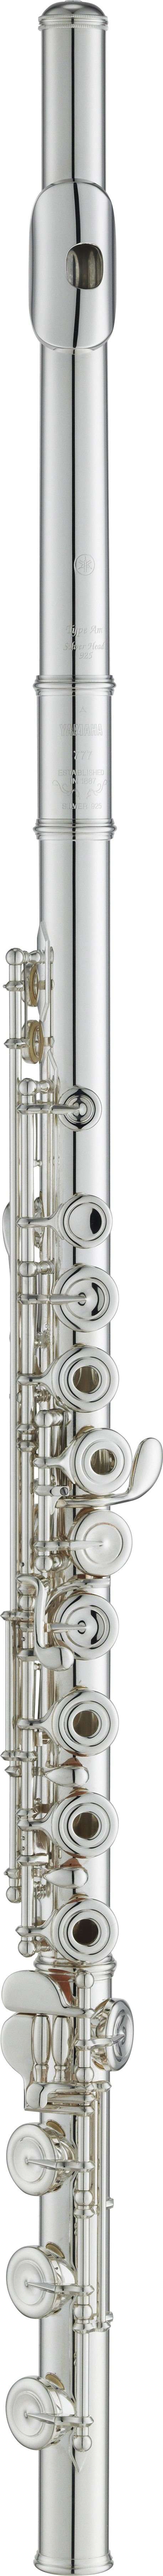 Yamaha - YFL - 777 - H - RBEO - Holzblasinstrumente - Flöten mit E-Mechanik | MUSIK BERTRAM Deutschland Freiburg